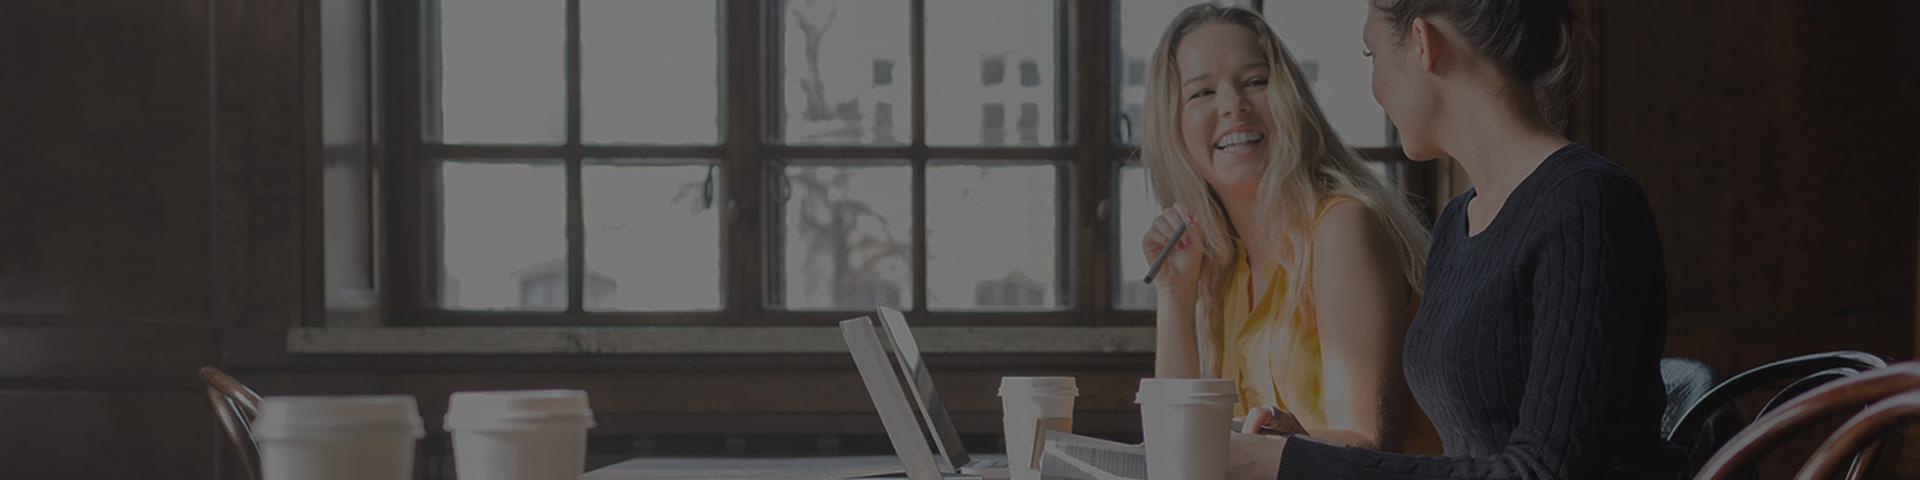 Welke Office-versie past jou het best?